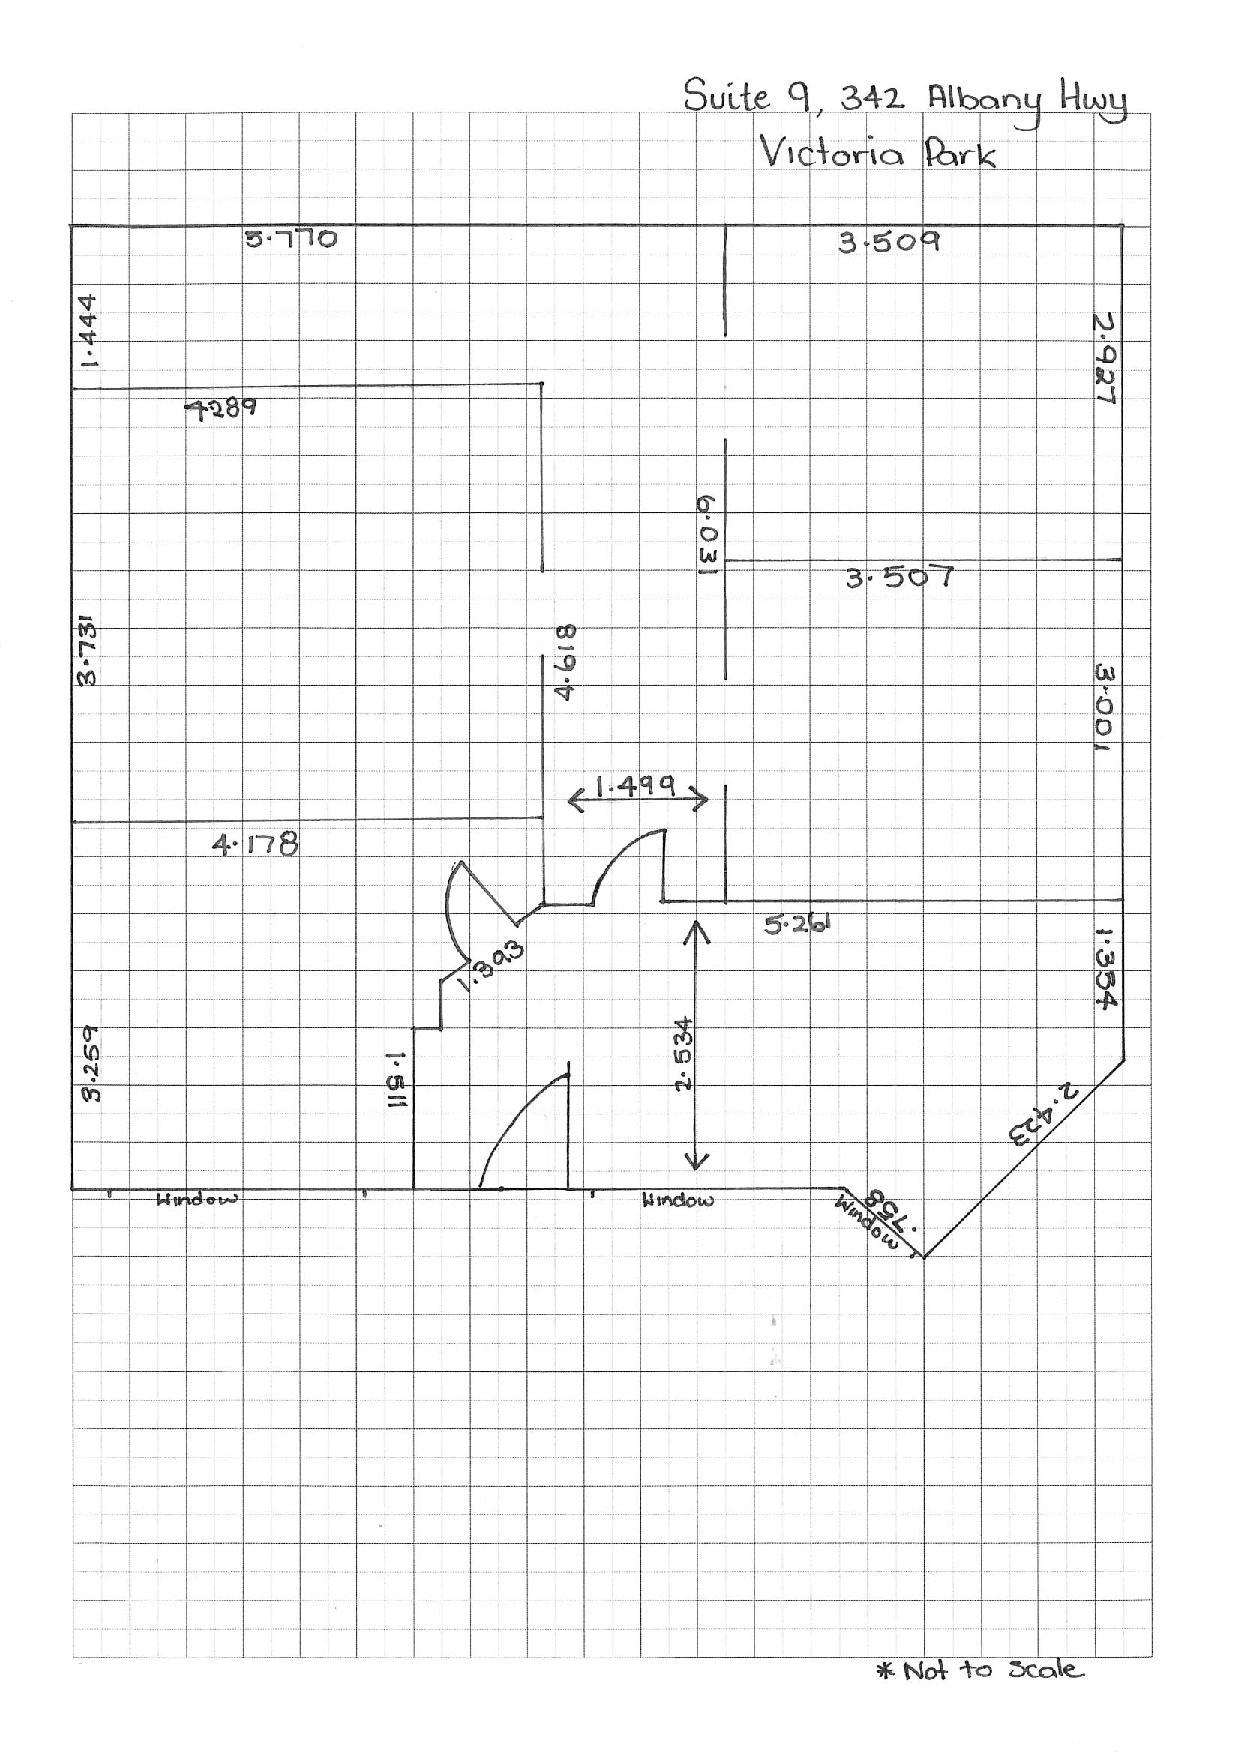 31191-Suite9FloorPlan-page-001